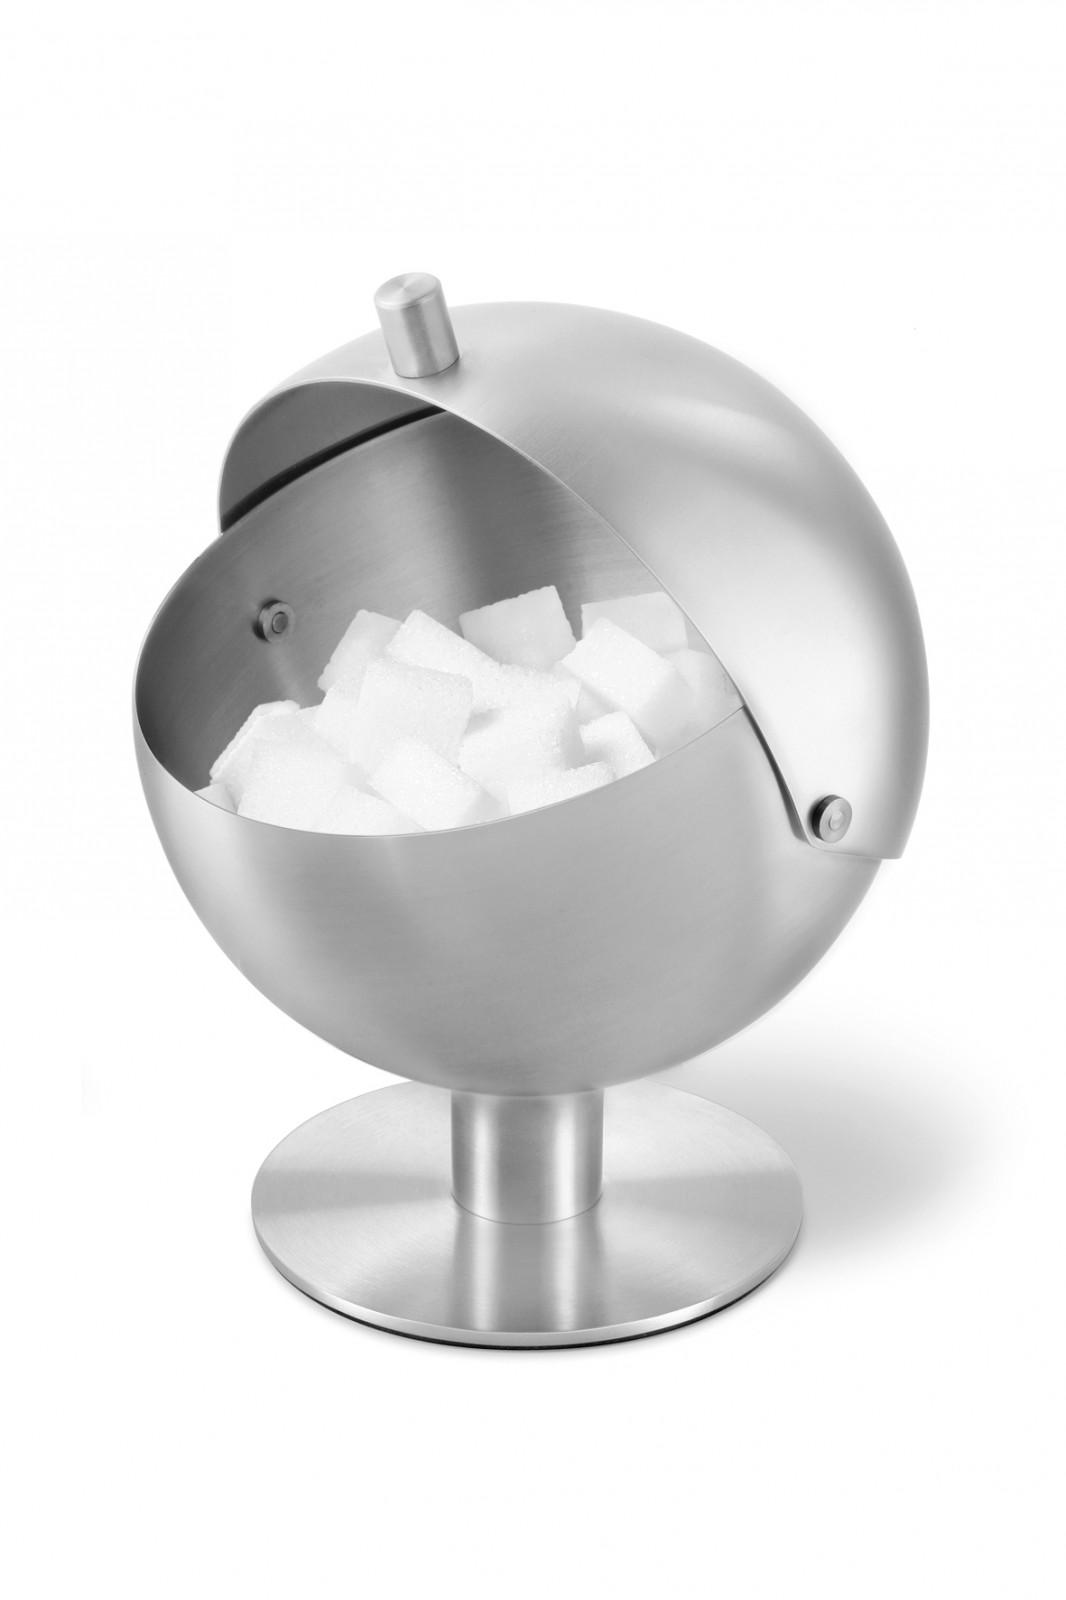 Zuckerdose Edelstahl zack edelstahl zuckerkugel sfera zuckerdose aschenbecher 30690